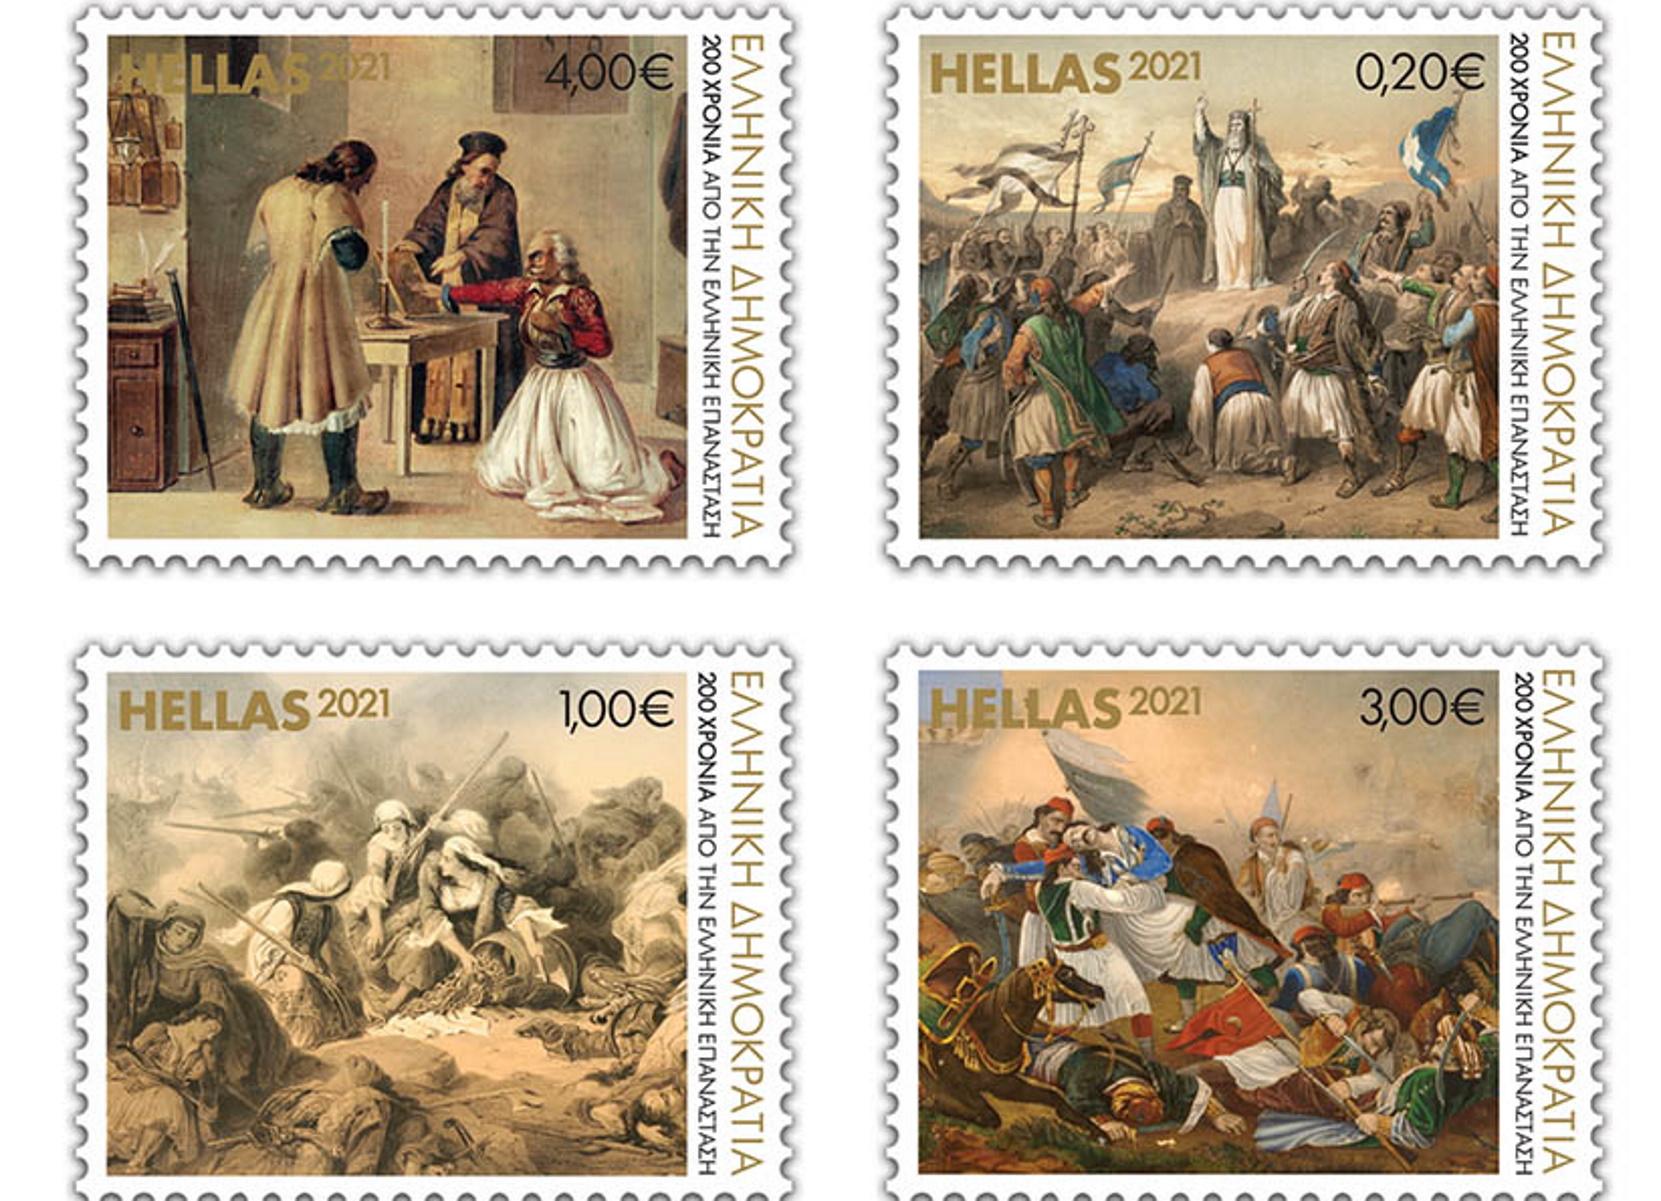 25η Μαρτίου – ΕΛΤΑ: Αναμνηστική σειρά γραμματοσήμων για τα 200 χρόνια ελεύθερης Ελλάδας (pic)